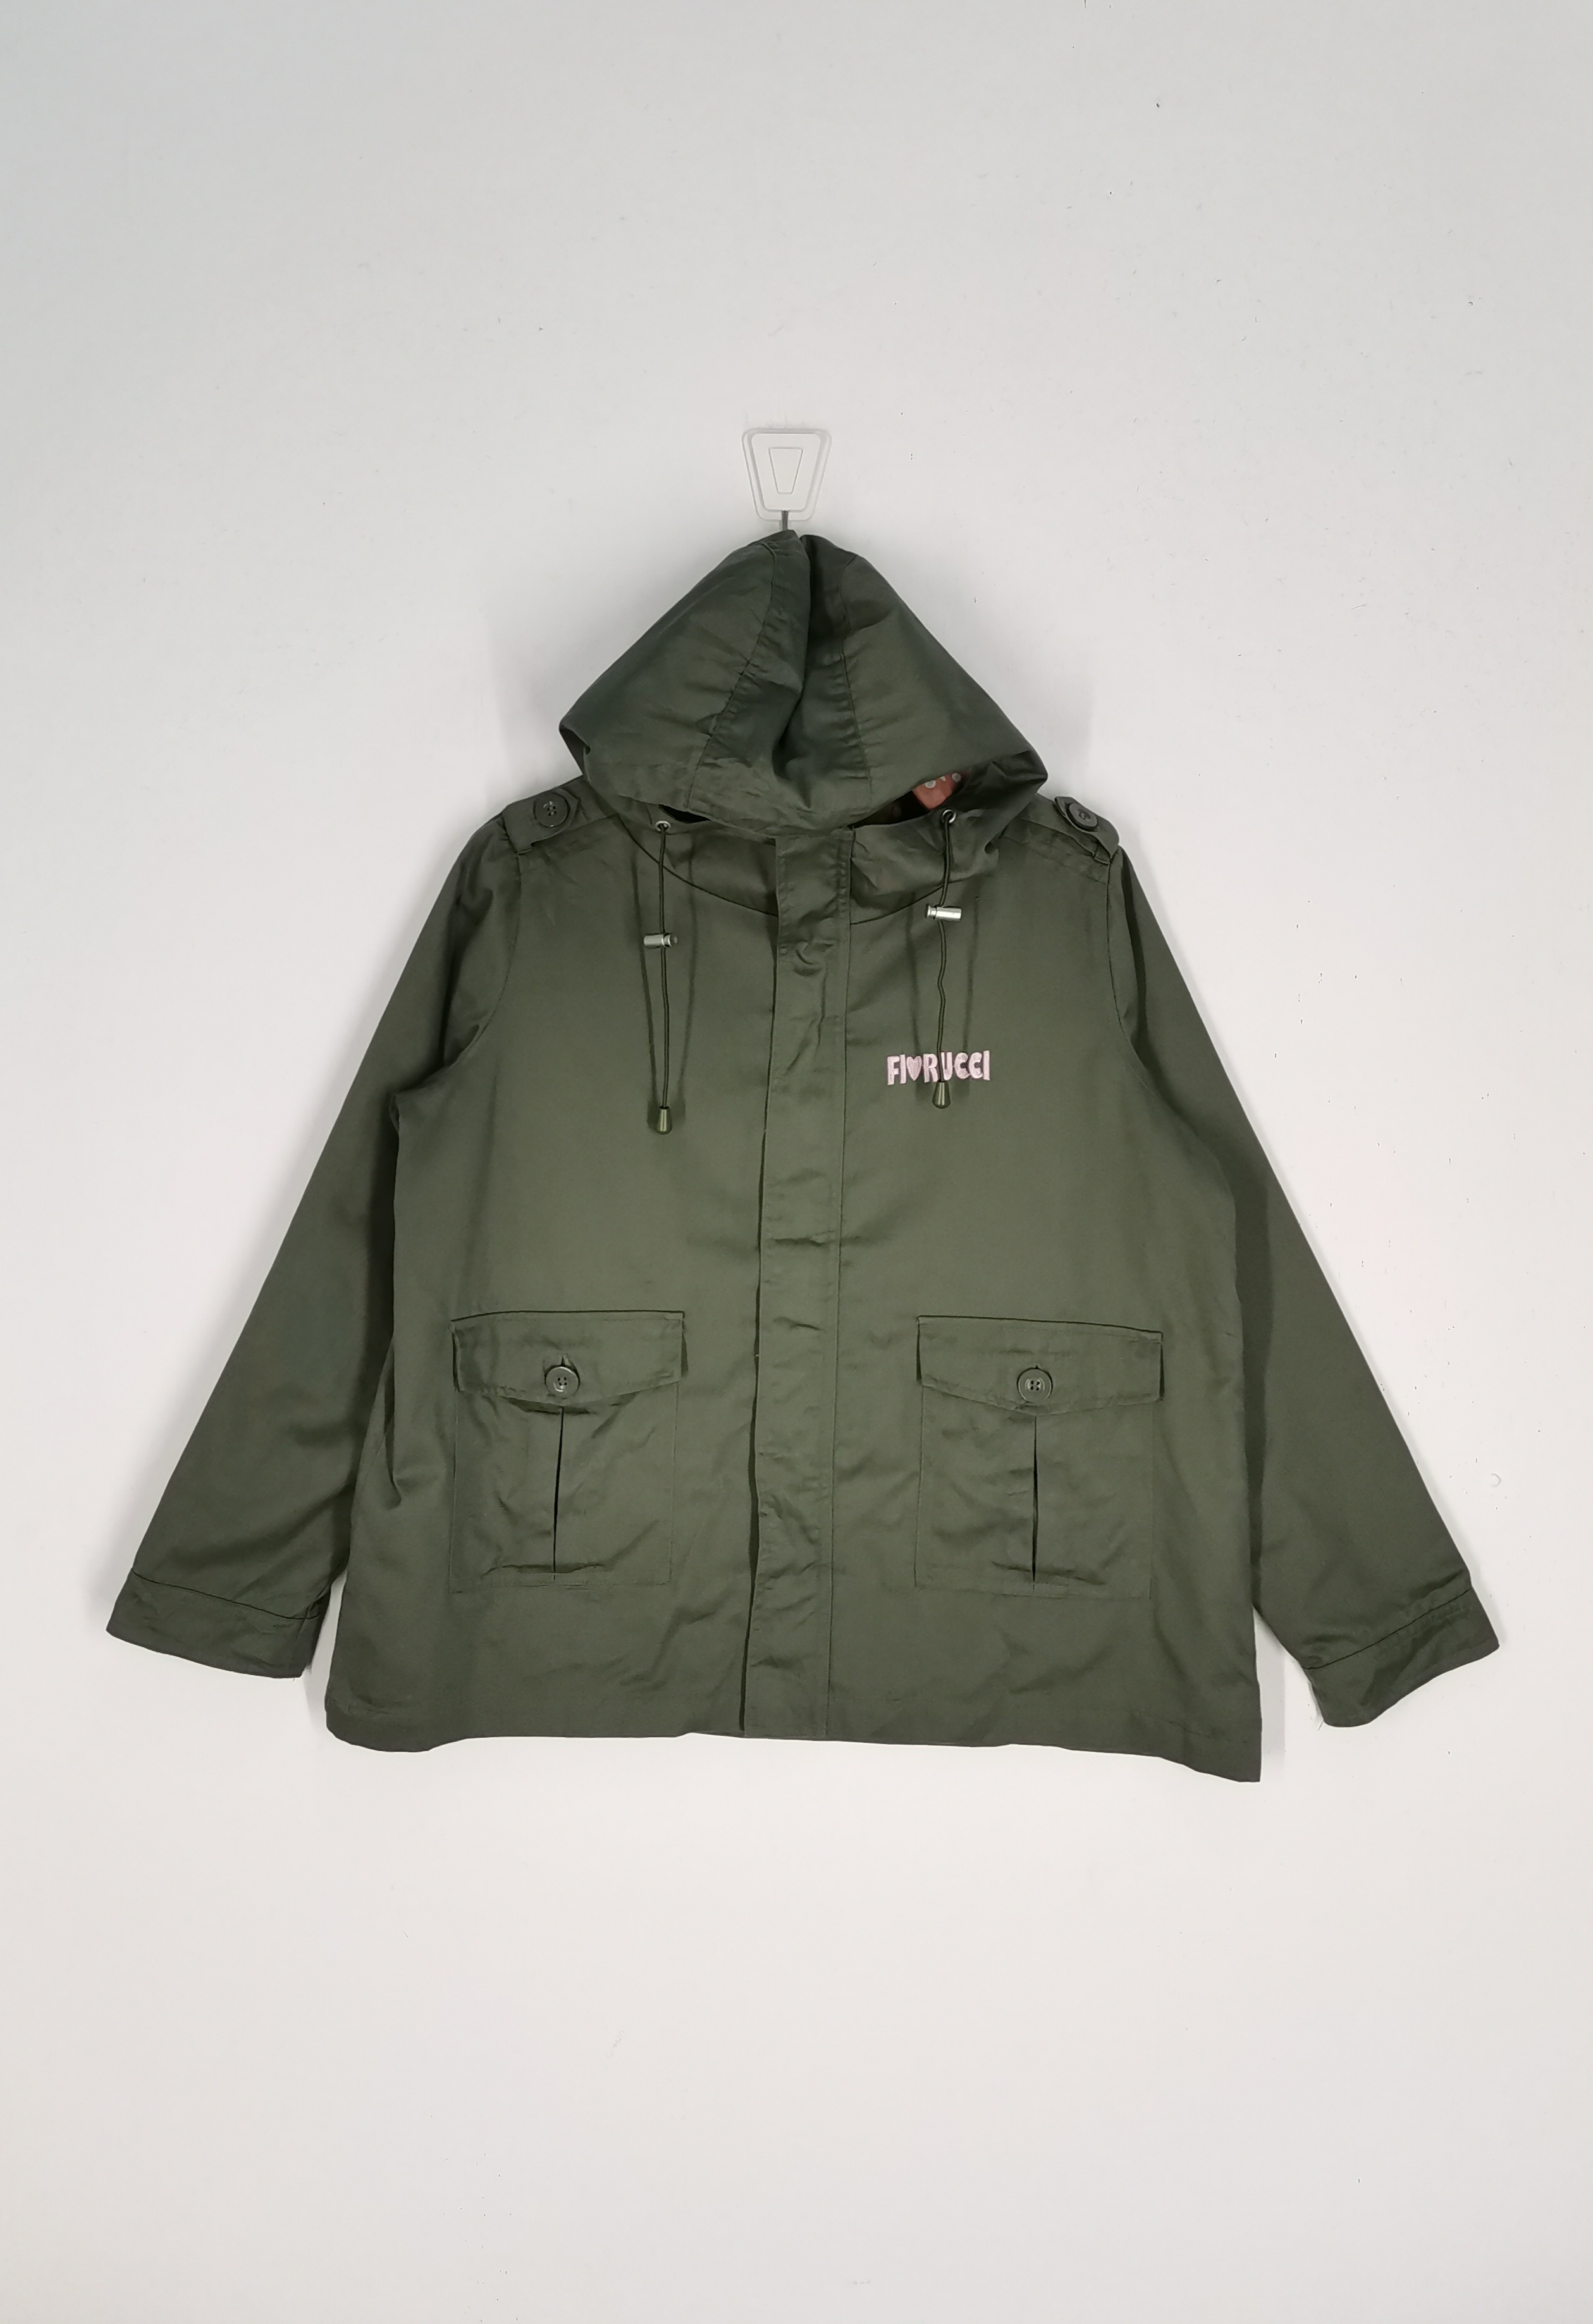 Fiorucci Rare Fiorucci Jacket Hoodies Nice Design Grailed